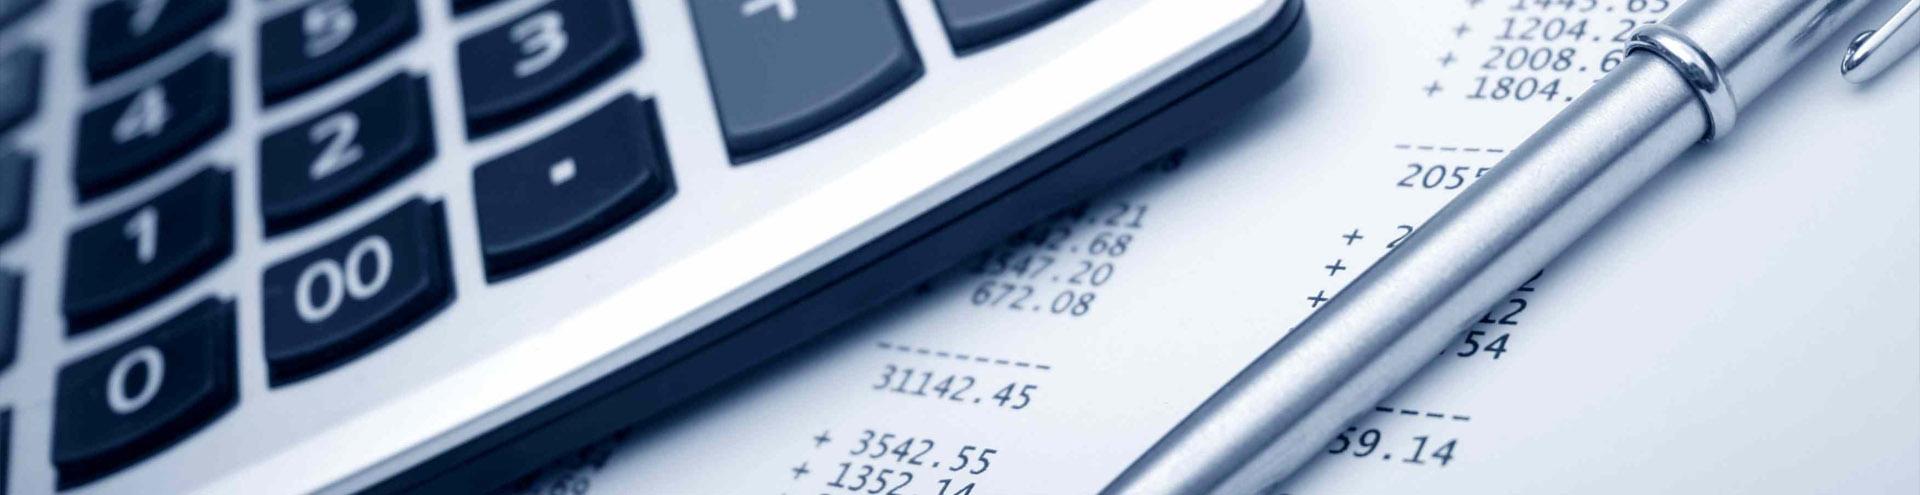 стоимость юридических услуг в Челябинске